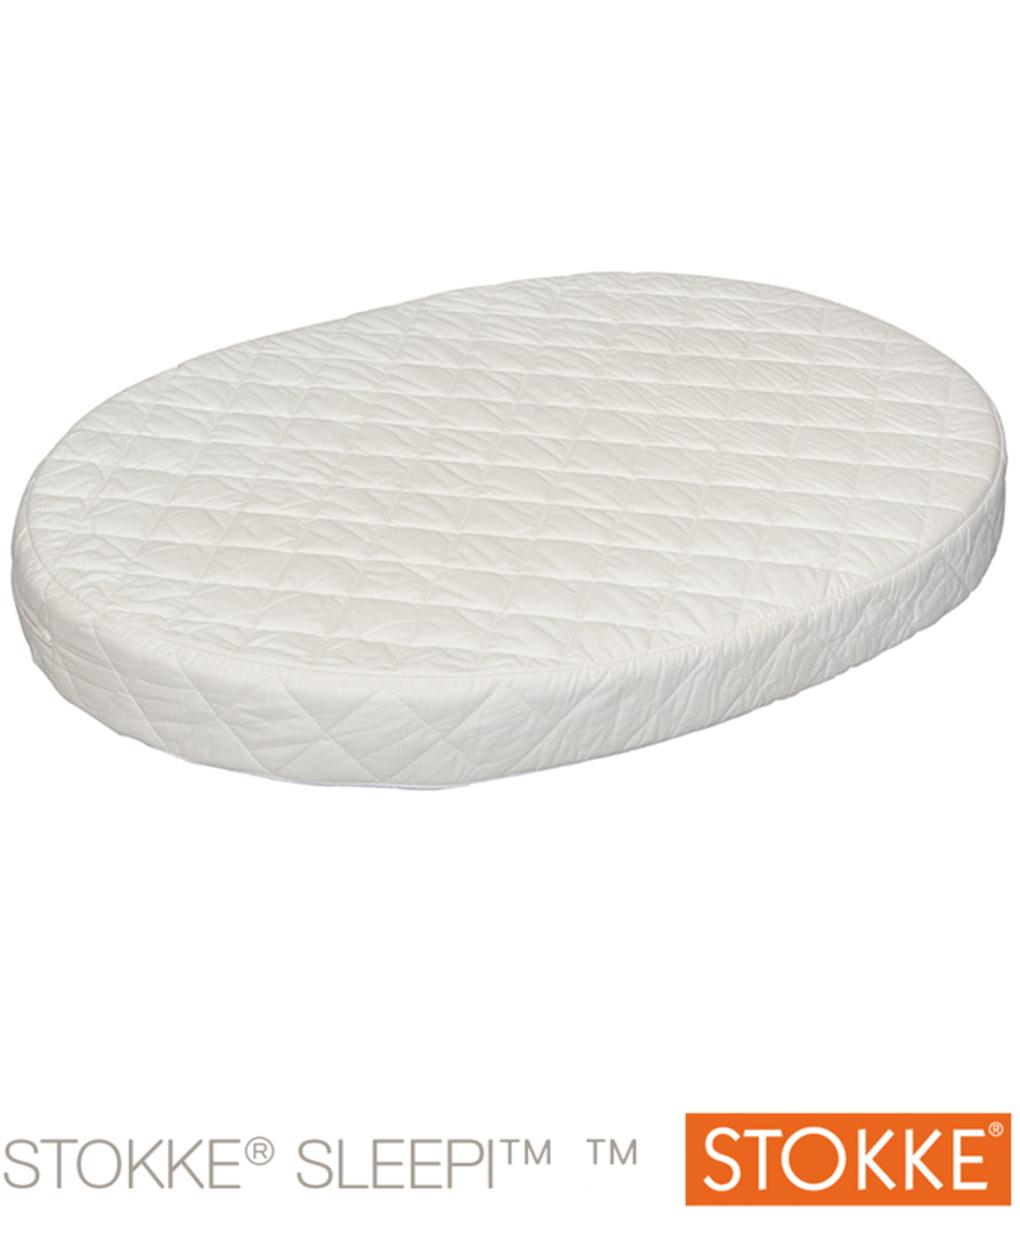 Colchão stokke® sleepi ™ para cama de bebê de 120 cm - Stokke